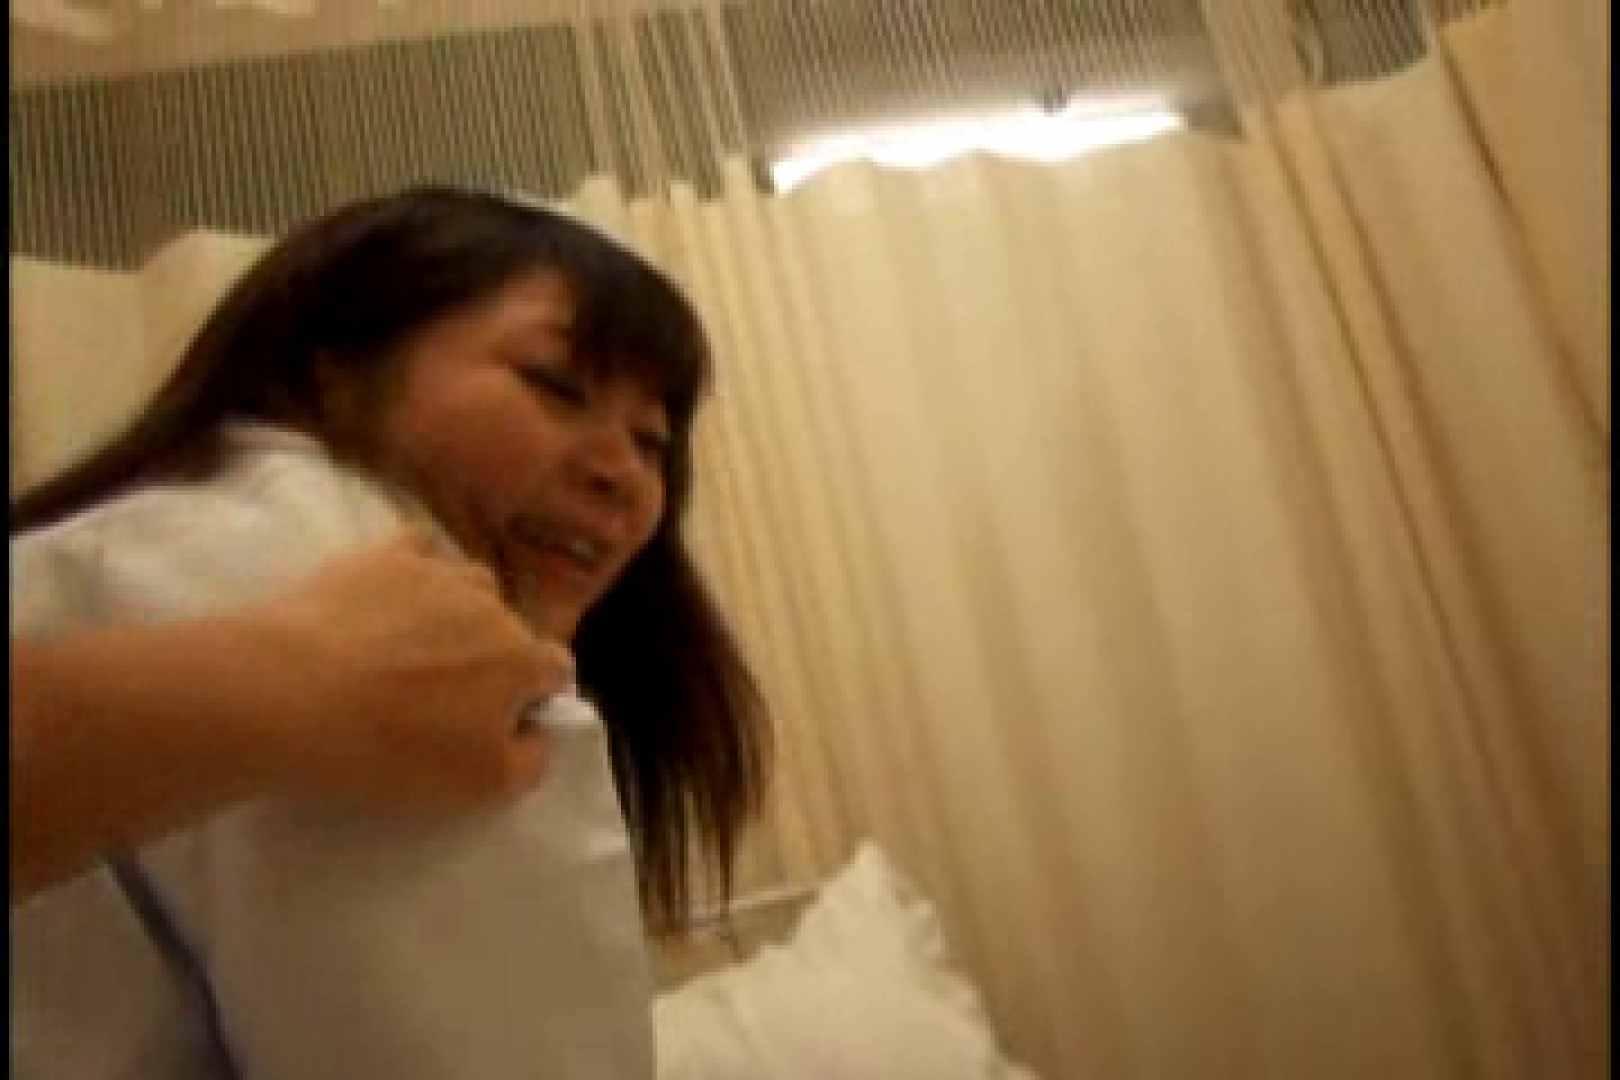 ヤリマンと呼ばれた看護士さんvol2 フェラ のぞき動画画像 106PIX 92